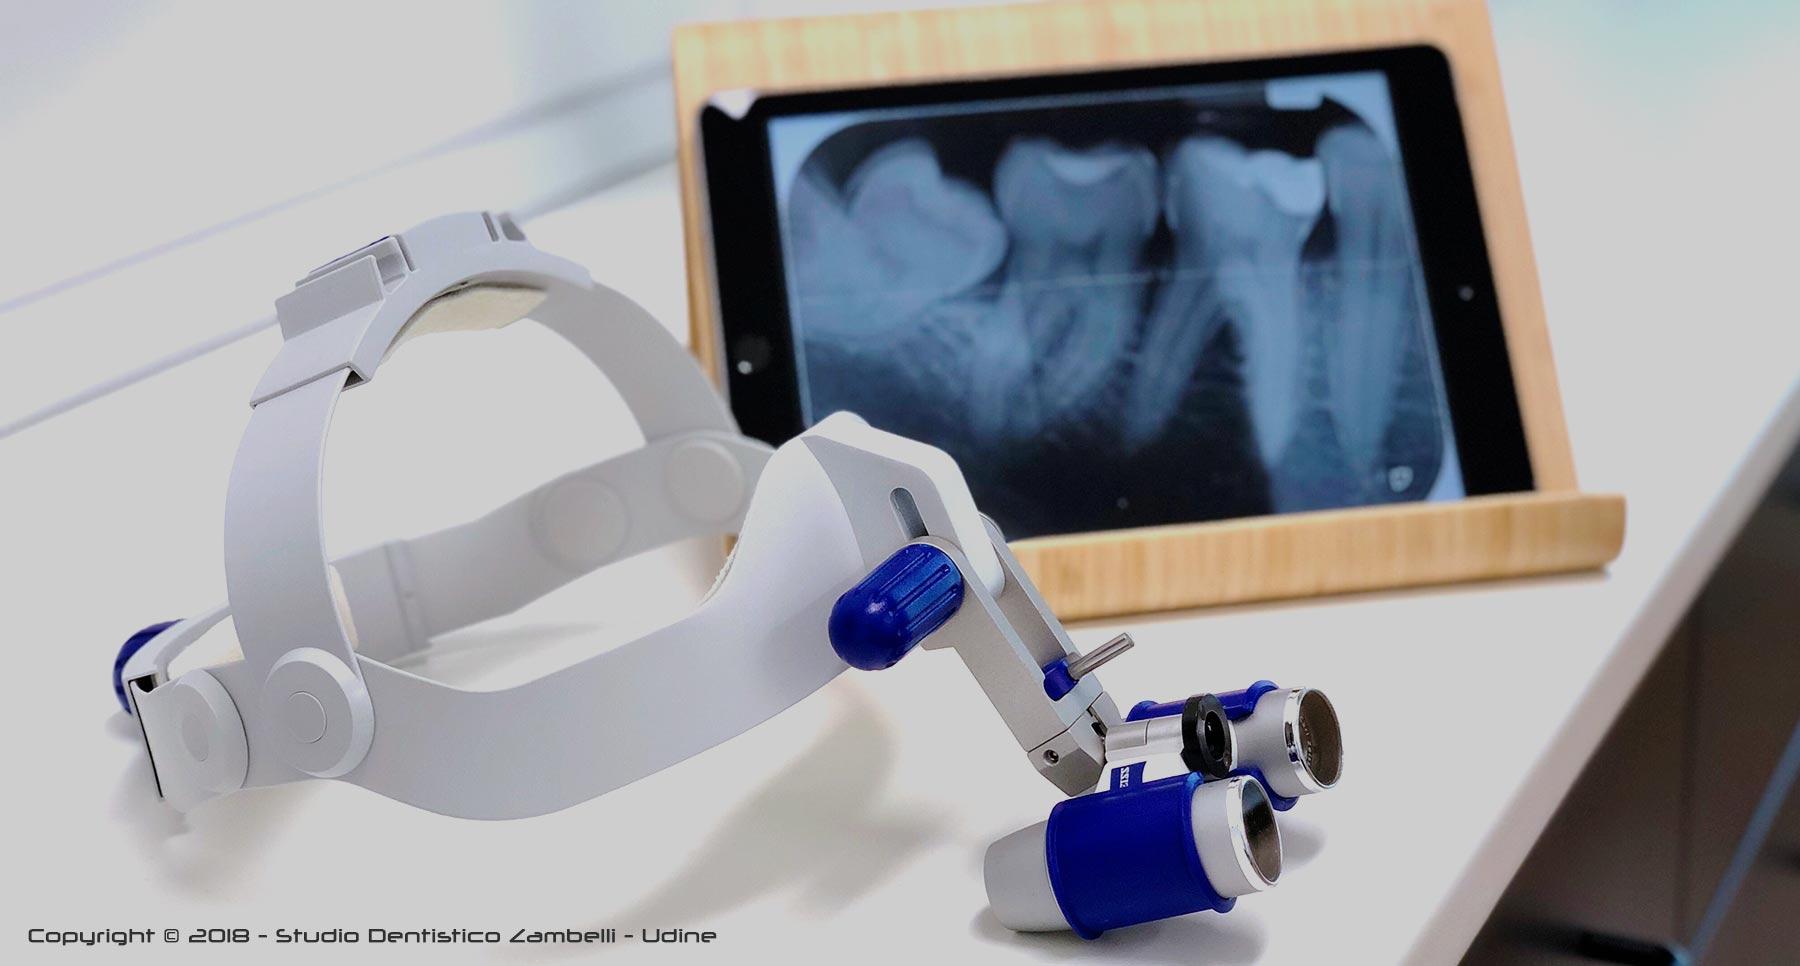 migliore-dentista-a-udine-studio-dentistico-zambelli